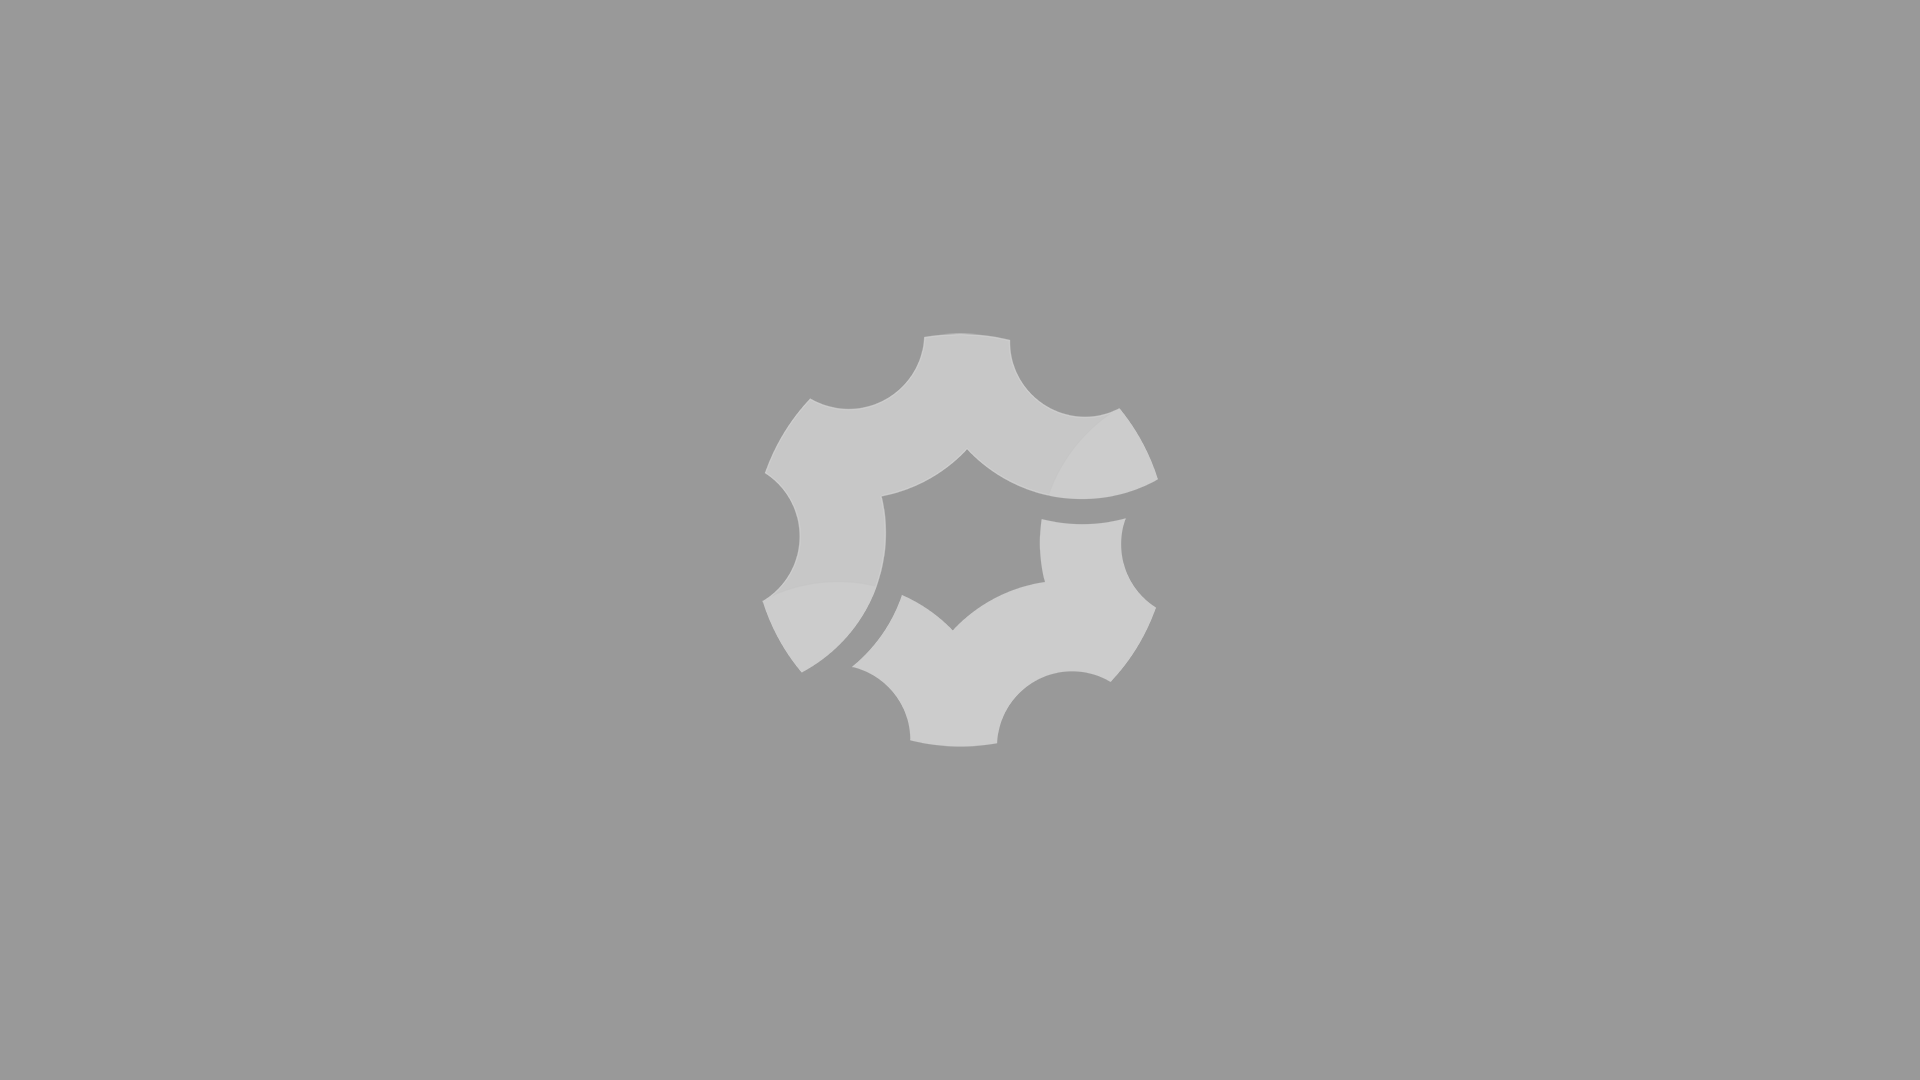 snowrunner_ksiva_p_d7b4f_2021-04-18_11_55_00.png